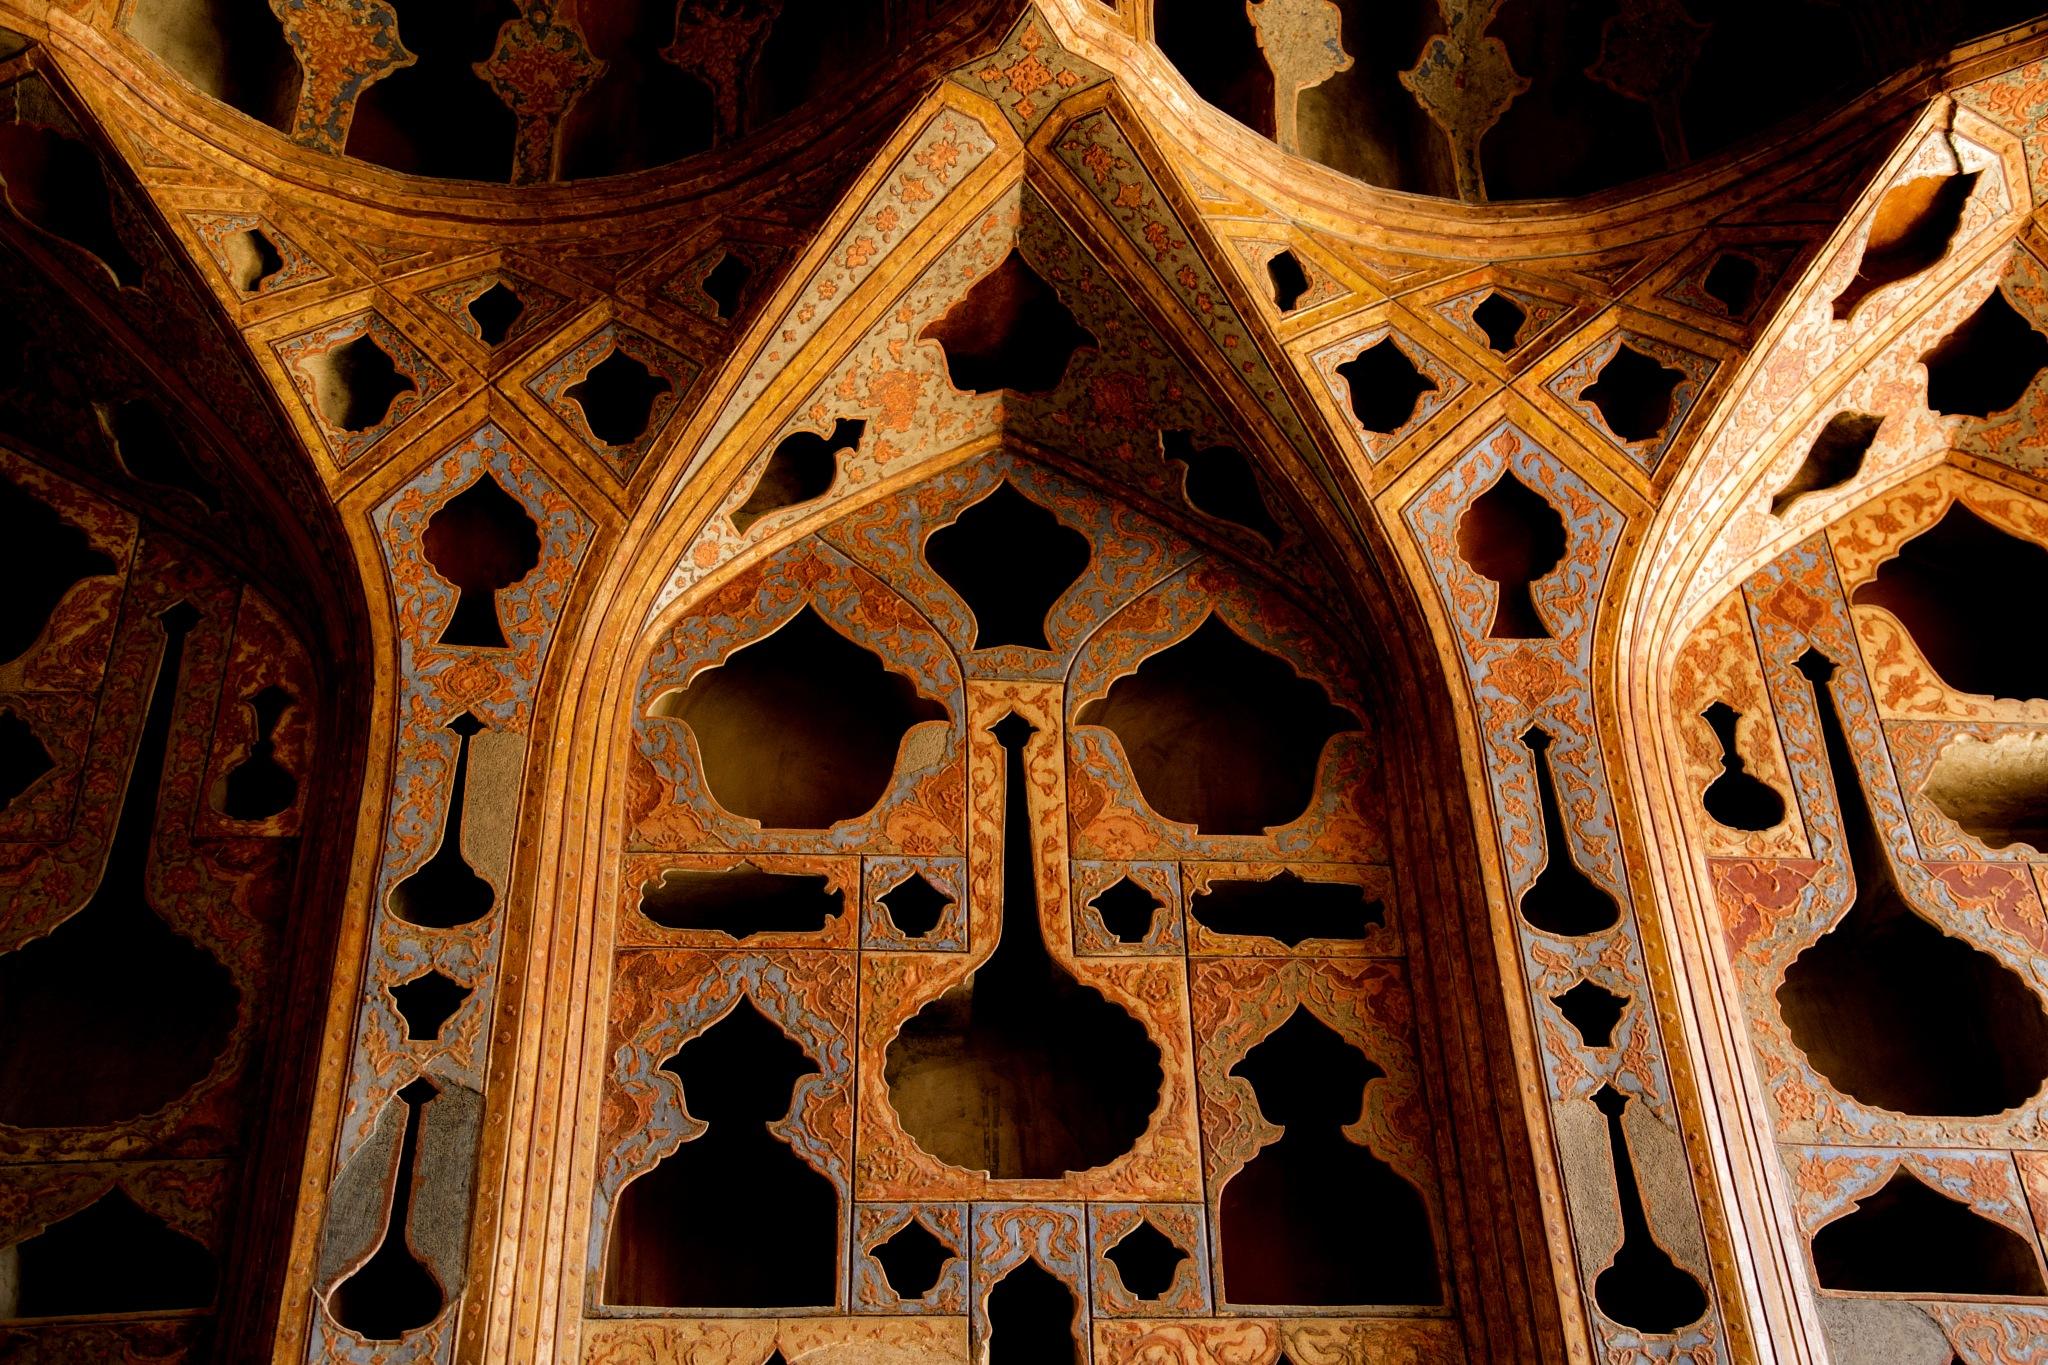 Isfahan, Iran, Aalighapoo Palace, Naghsh e Jahan Sq. - کاخ عالی قاپو میدان نقش جهان by Babak Javid